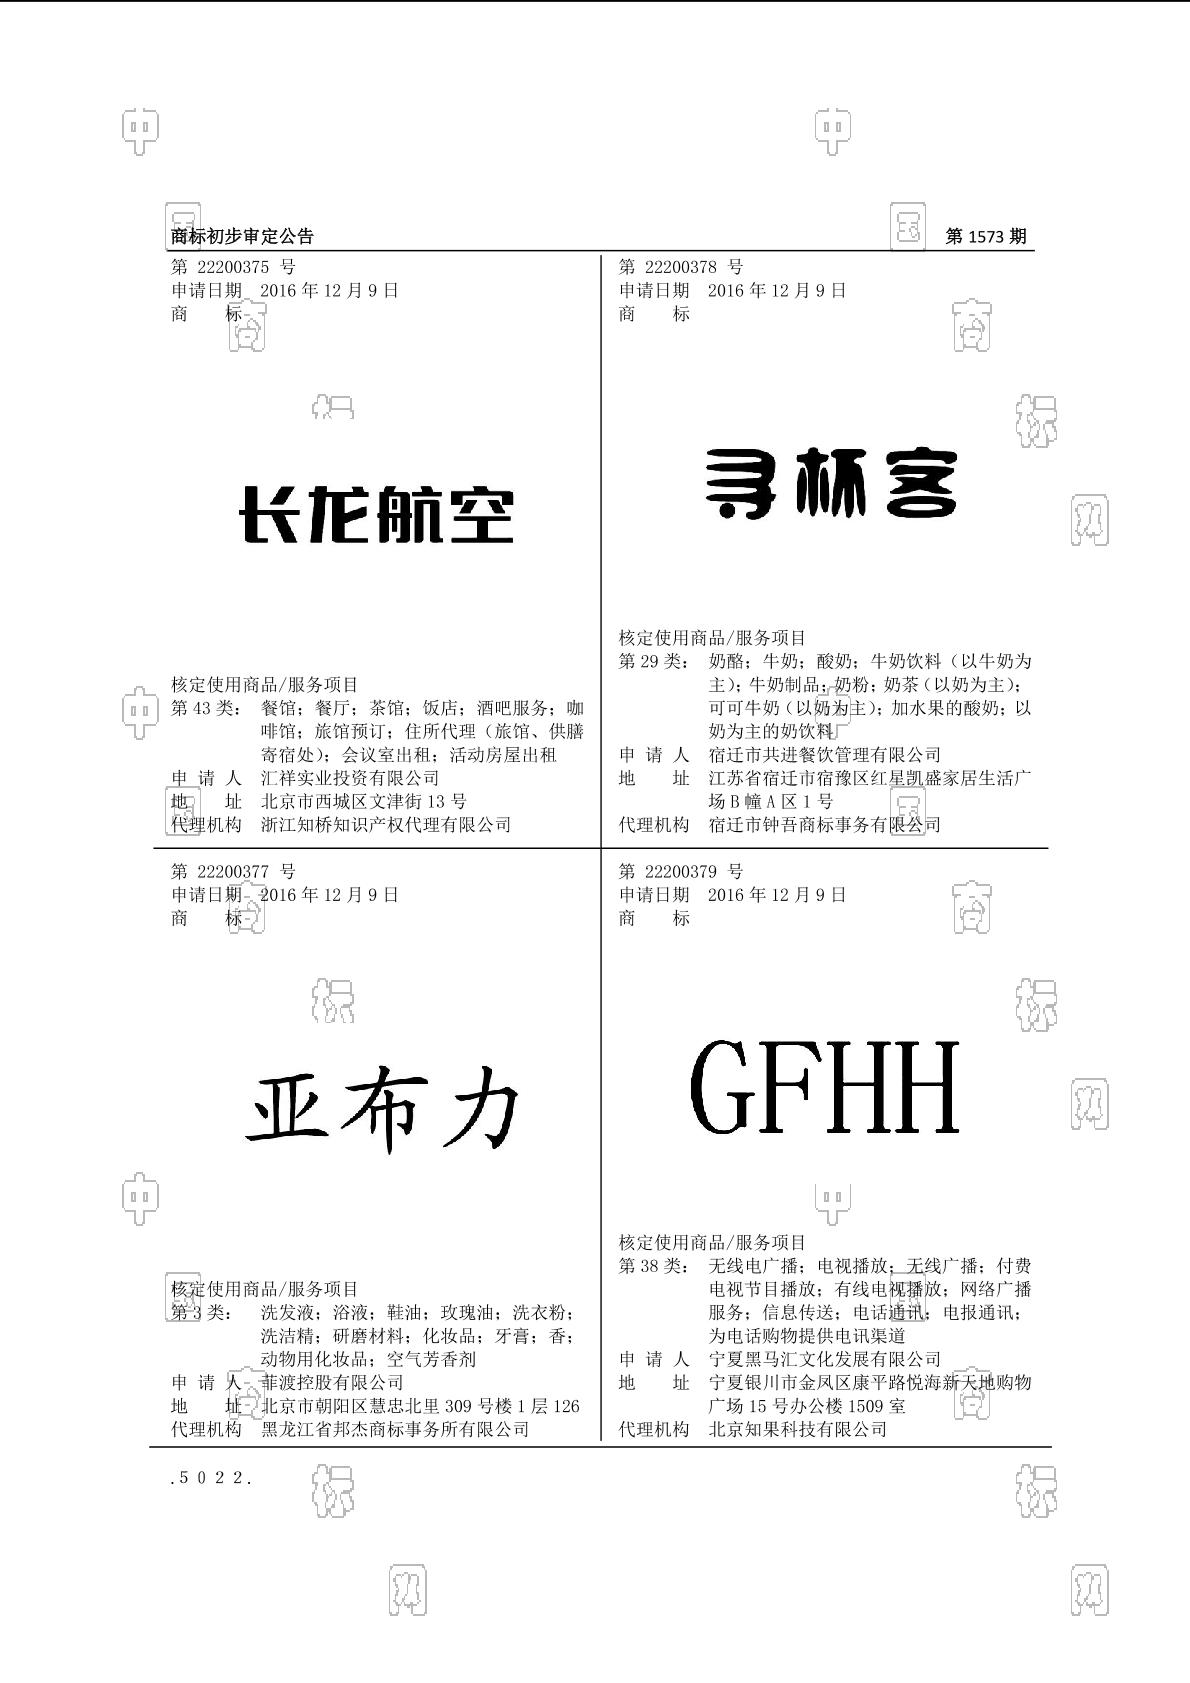 【社标网】亚布力商标状态注册号信息 菲渡控股有限公司商标信息-商标查询